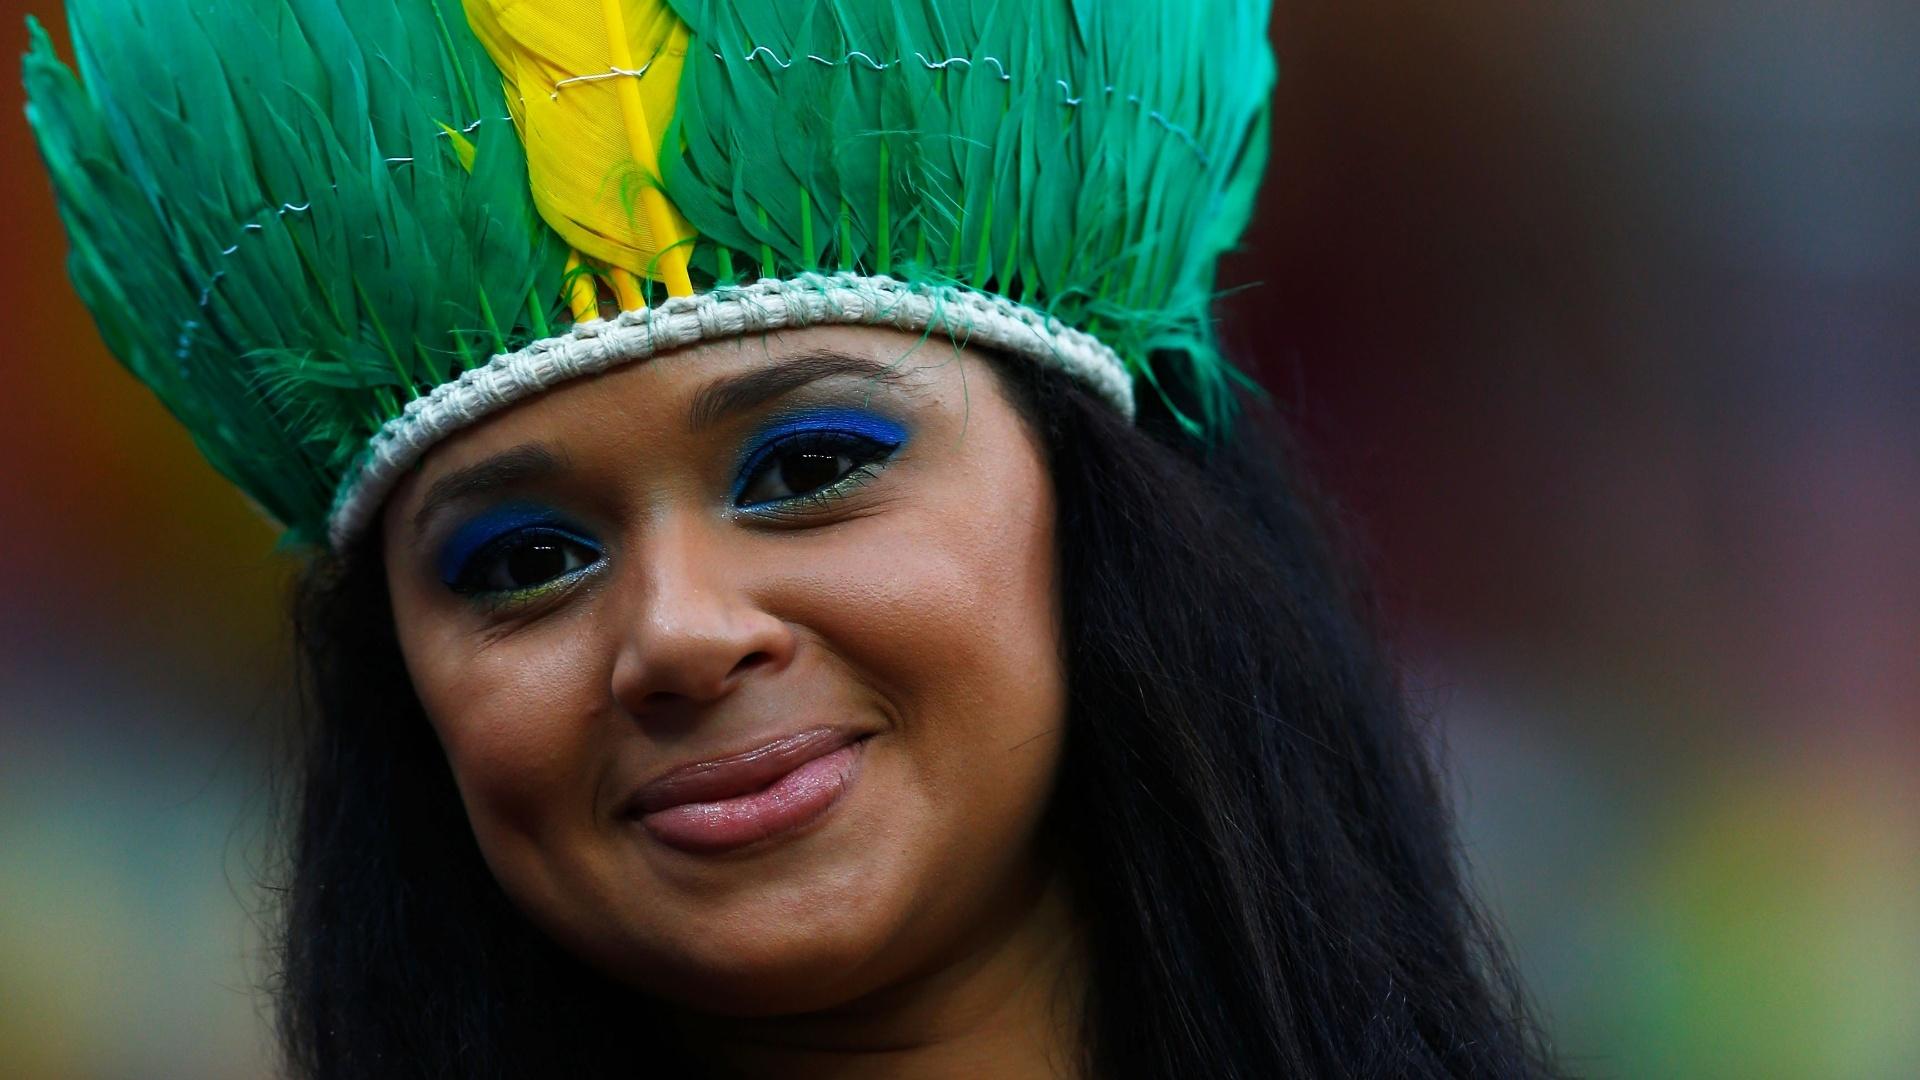 18.jun.2014 - O jogo entre Croácia e Camarões é em Manaus, e para fazer bonito a bela torcedora escolheu um cocar como acessório